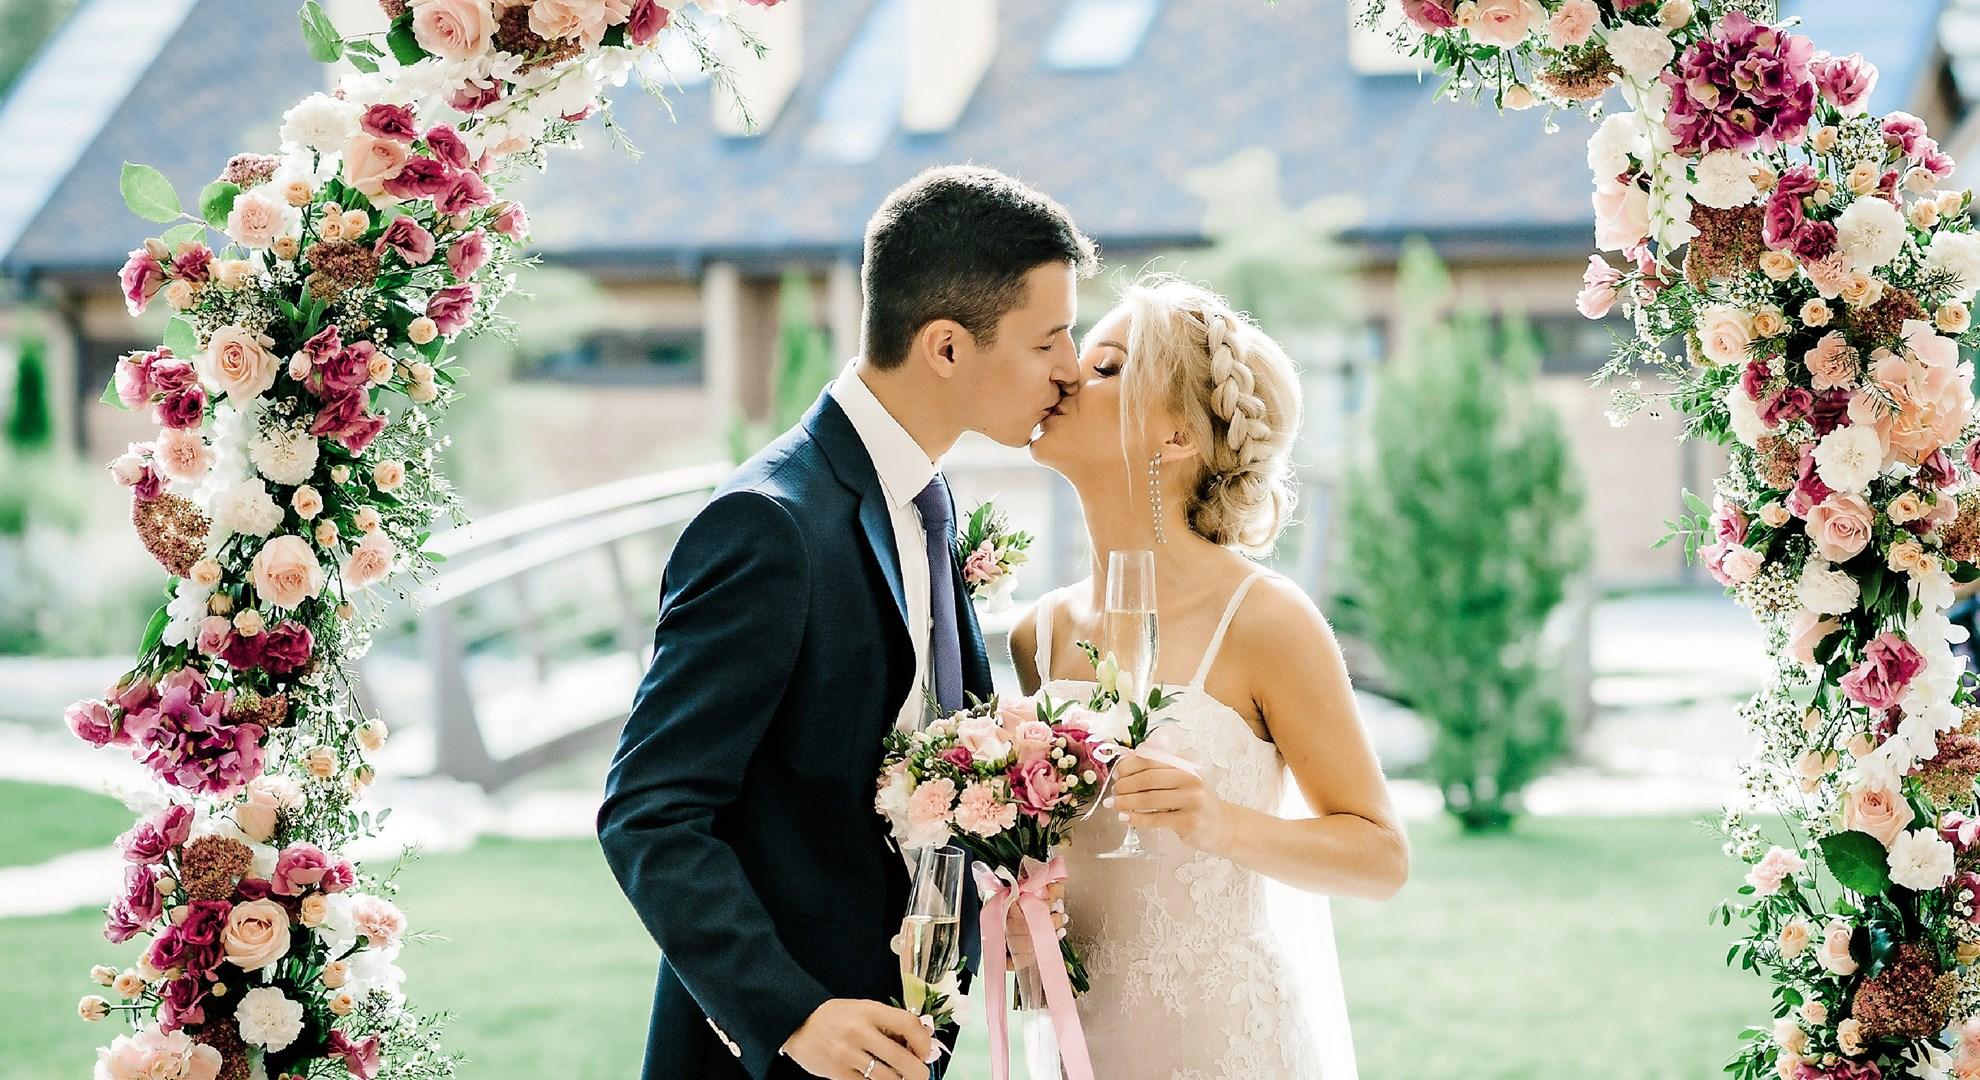 Poročne lokacije: Katere so najbolj priljubljene